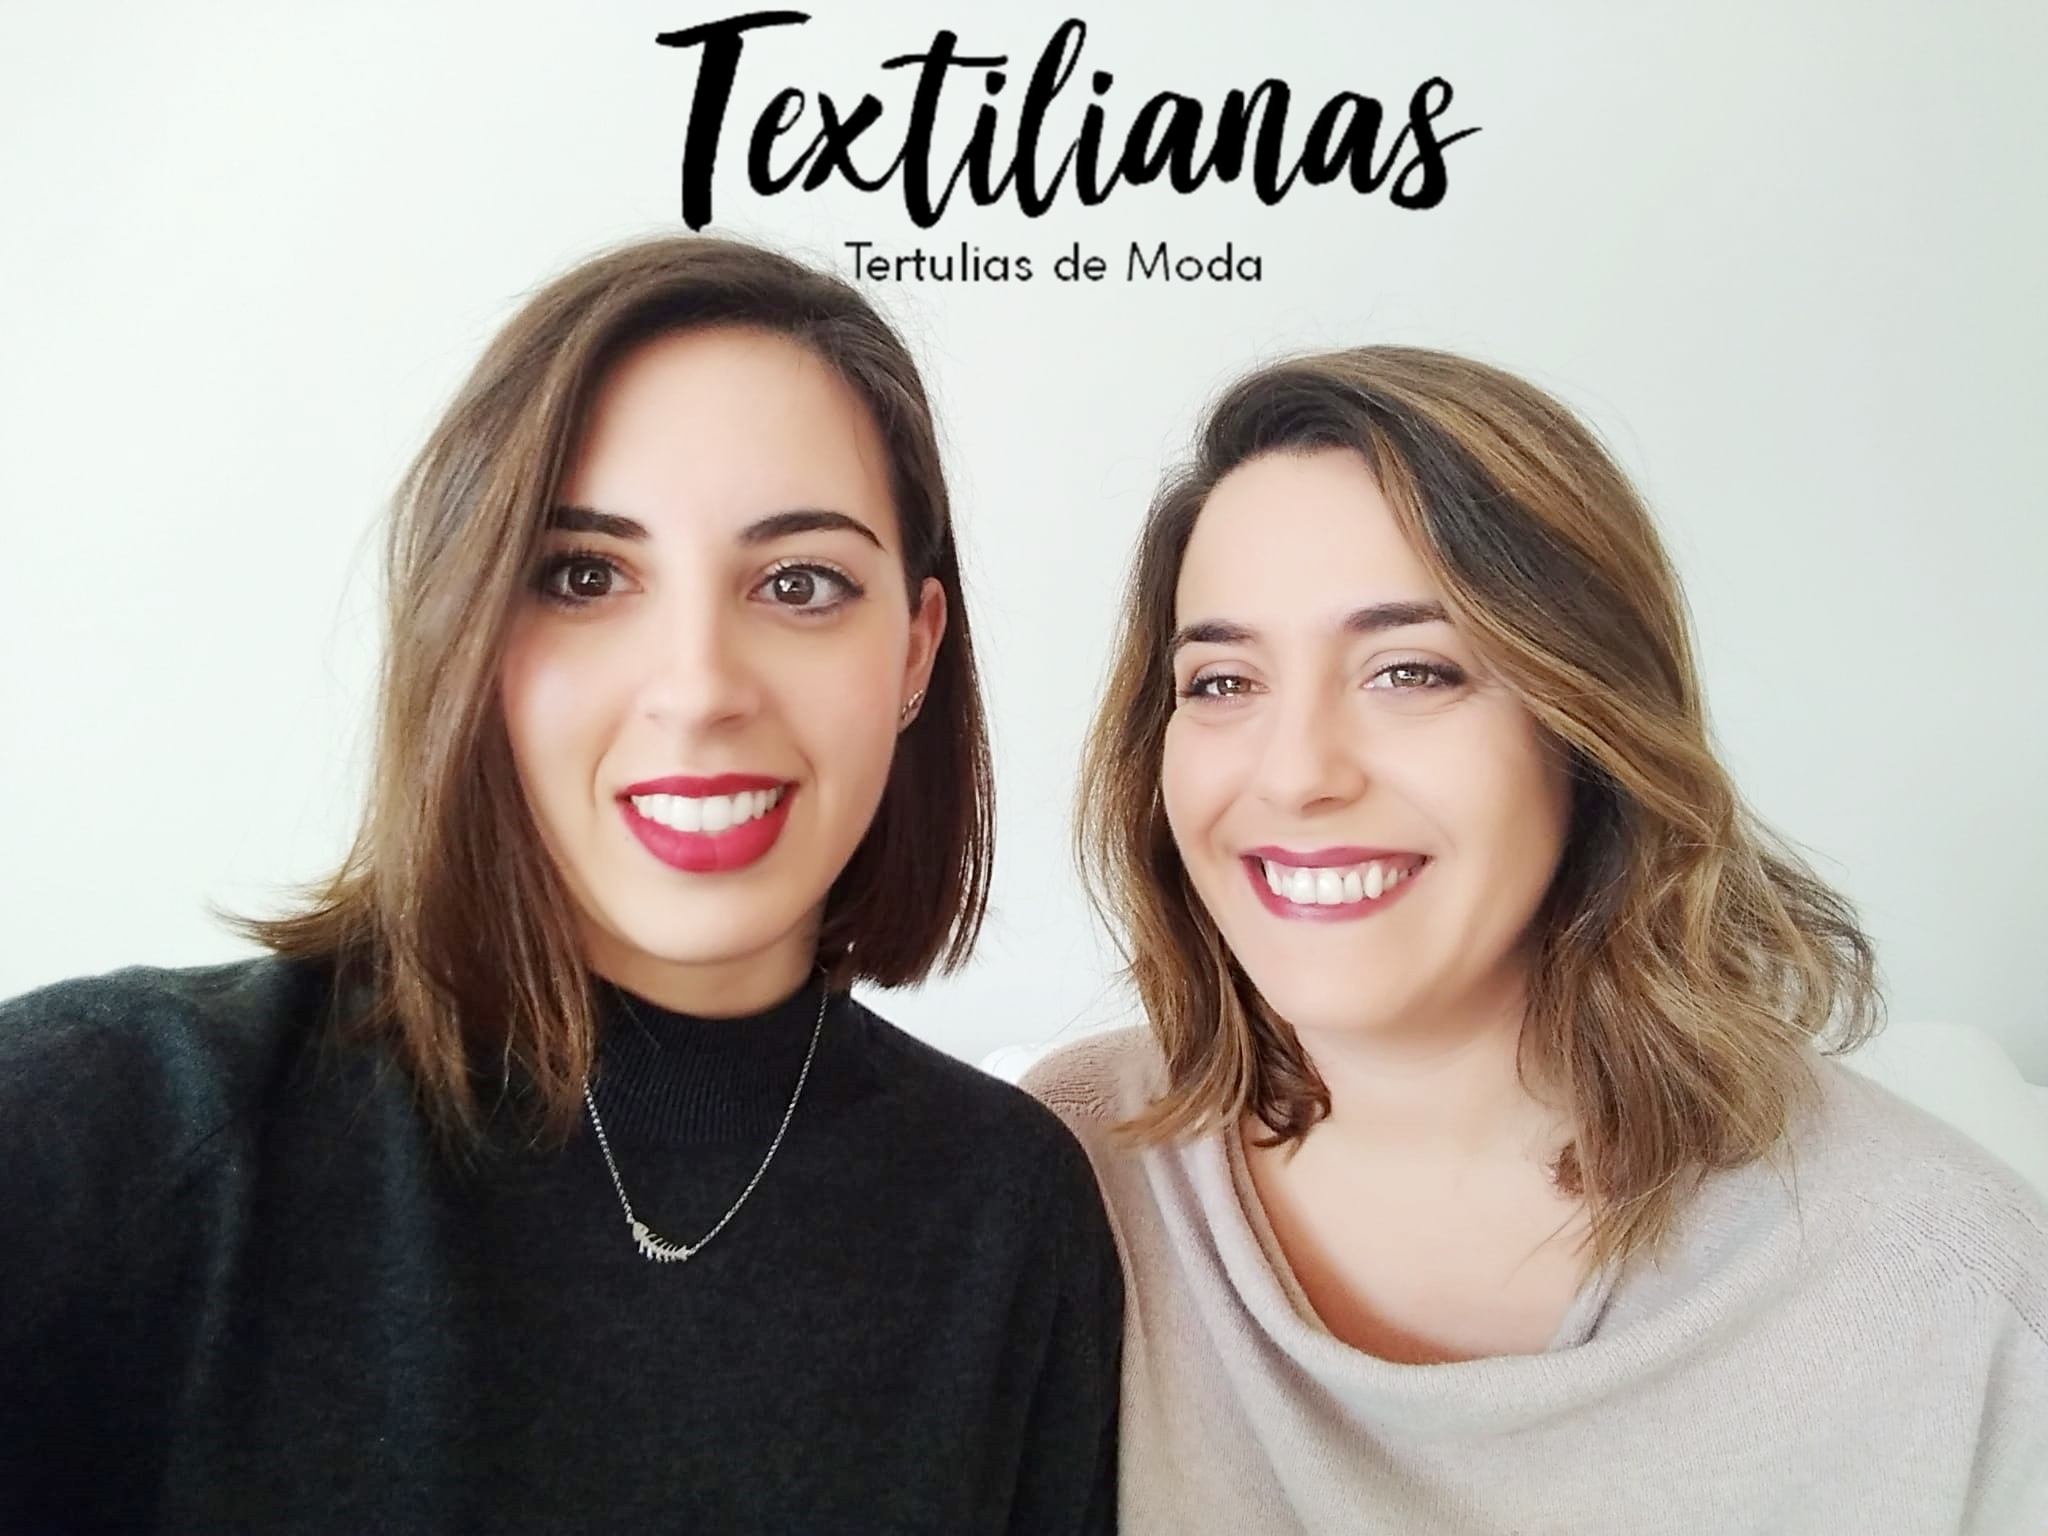 Textilianas, tertulias de moda